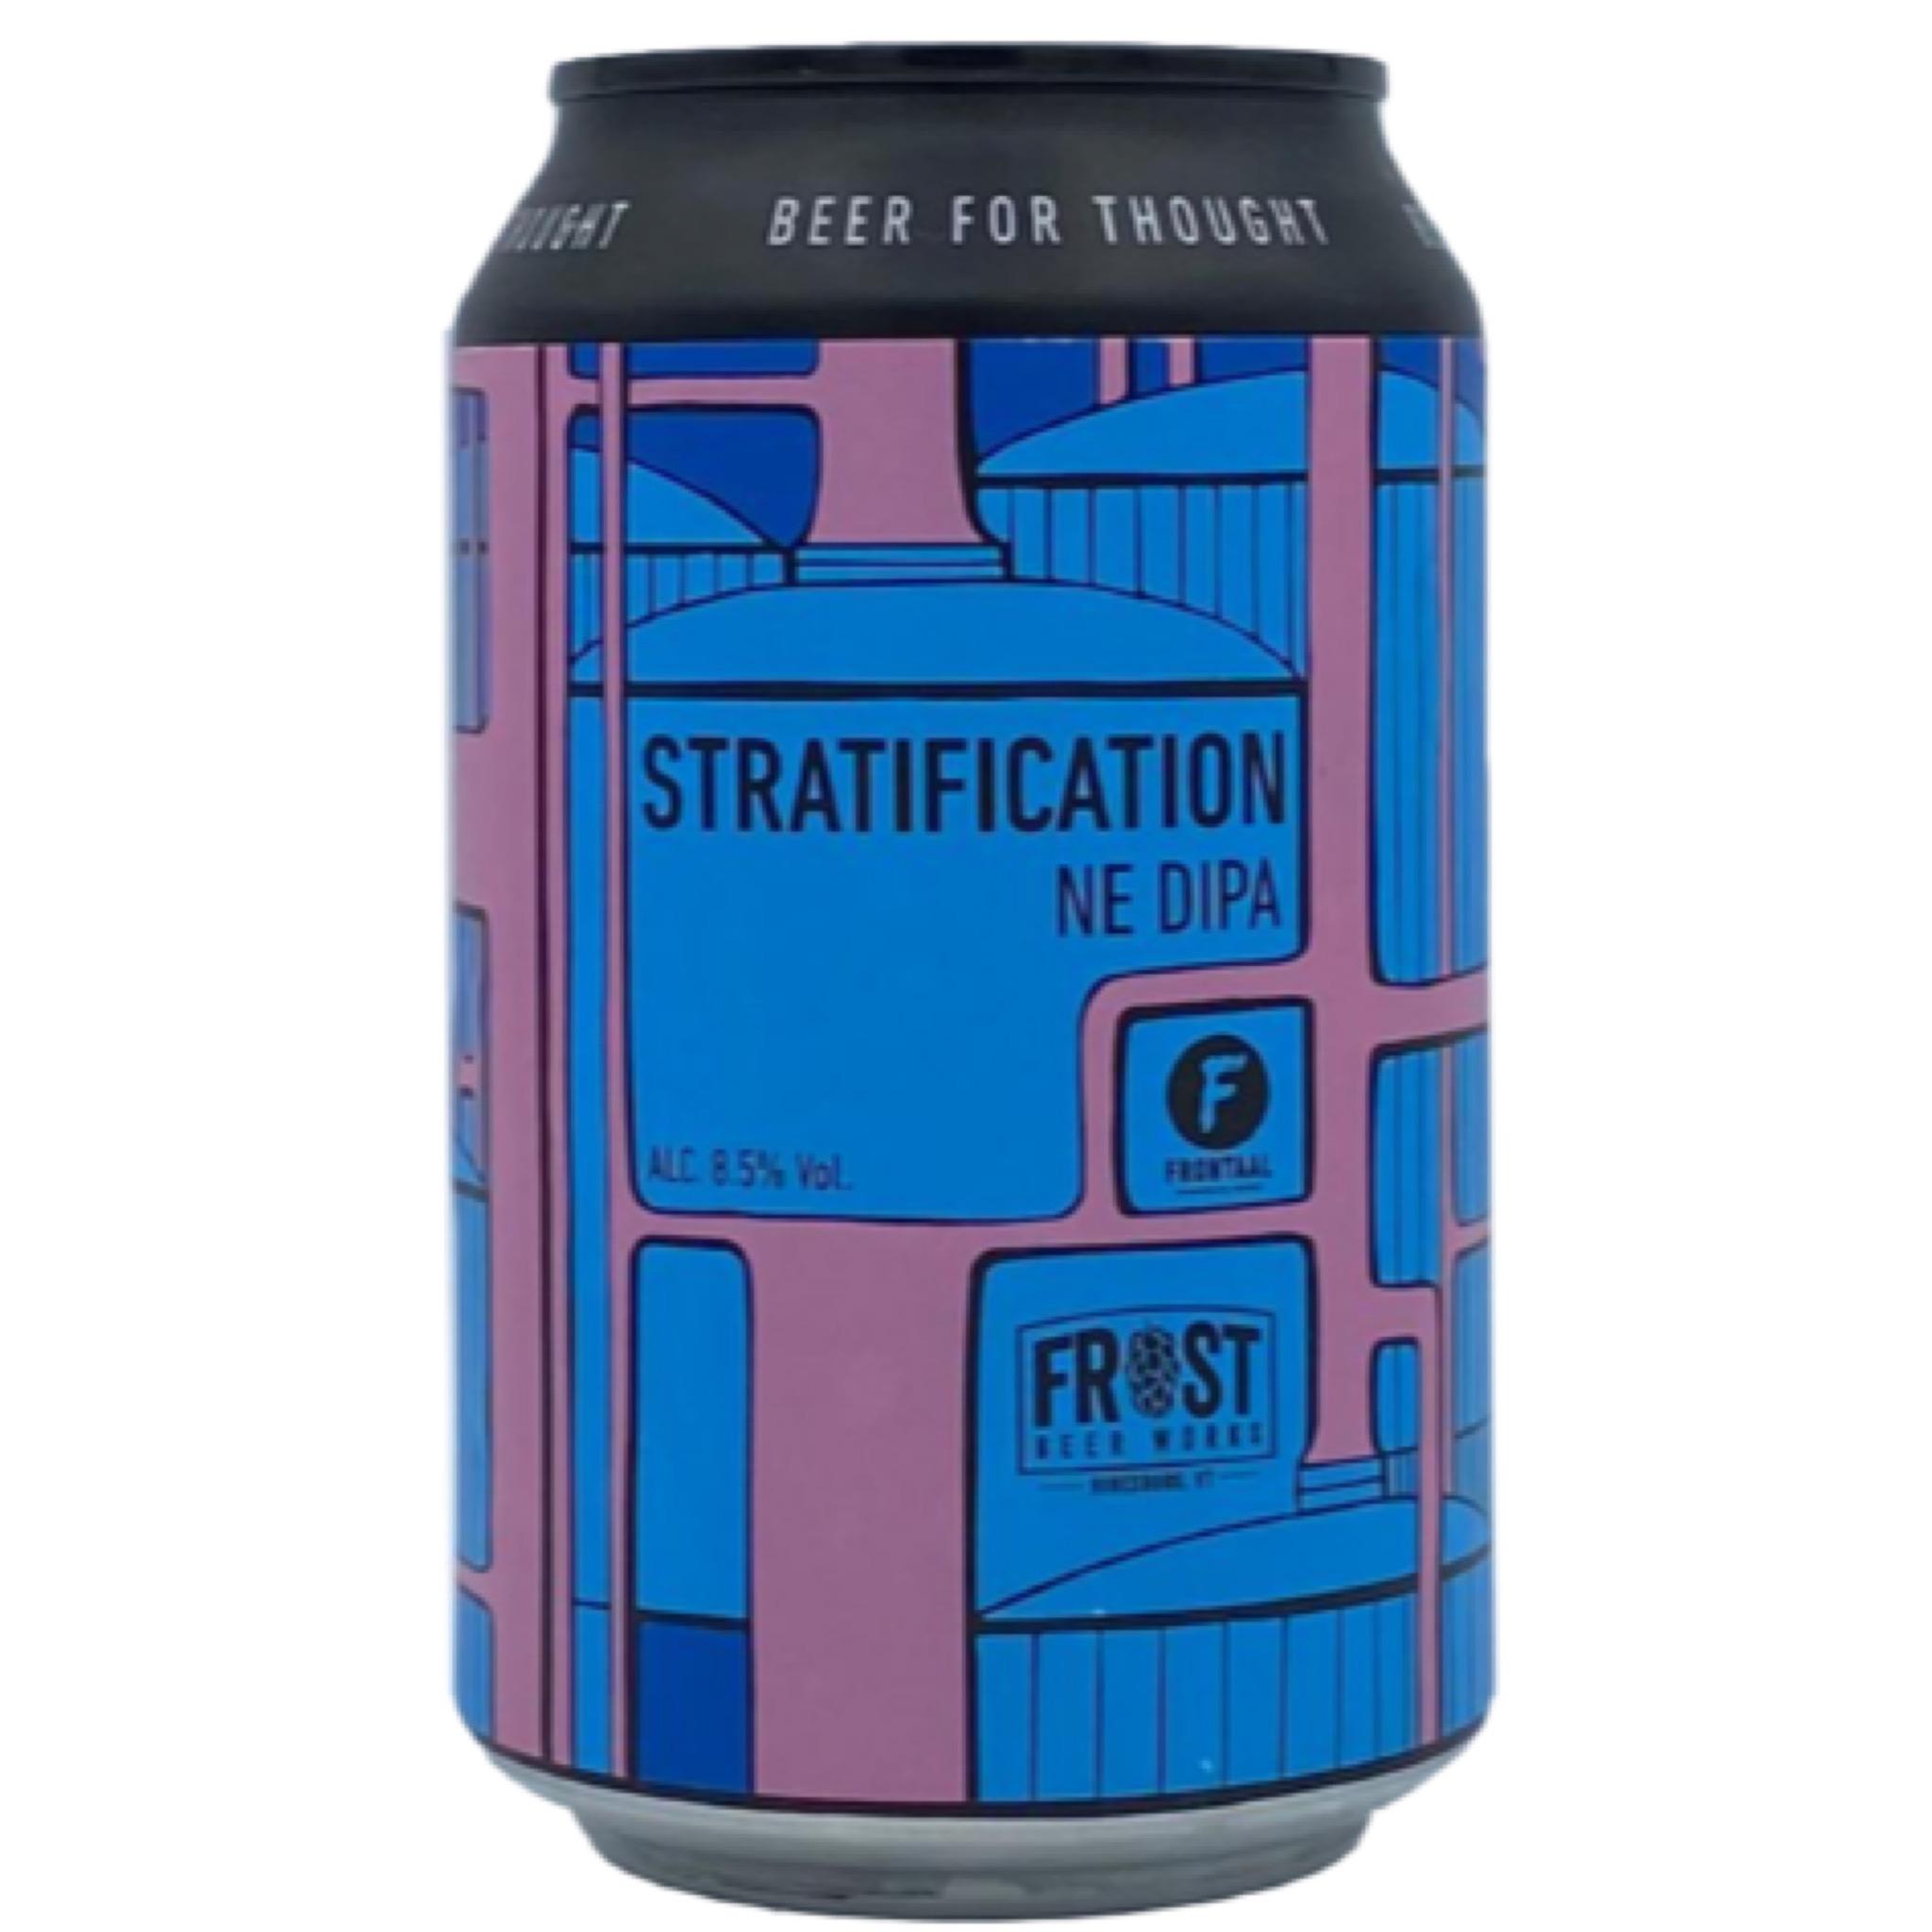 Stratification NE DIPA 8.5% 330ml Brouwerij Frontaal x Frost Beer Works